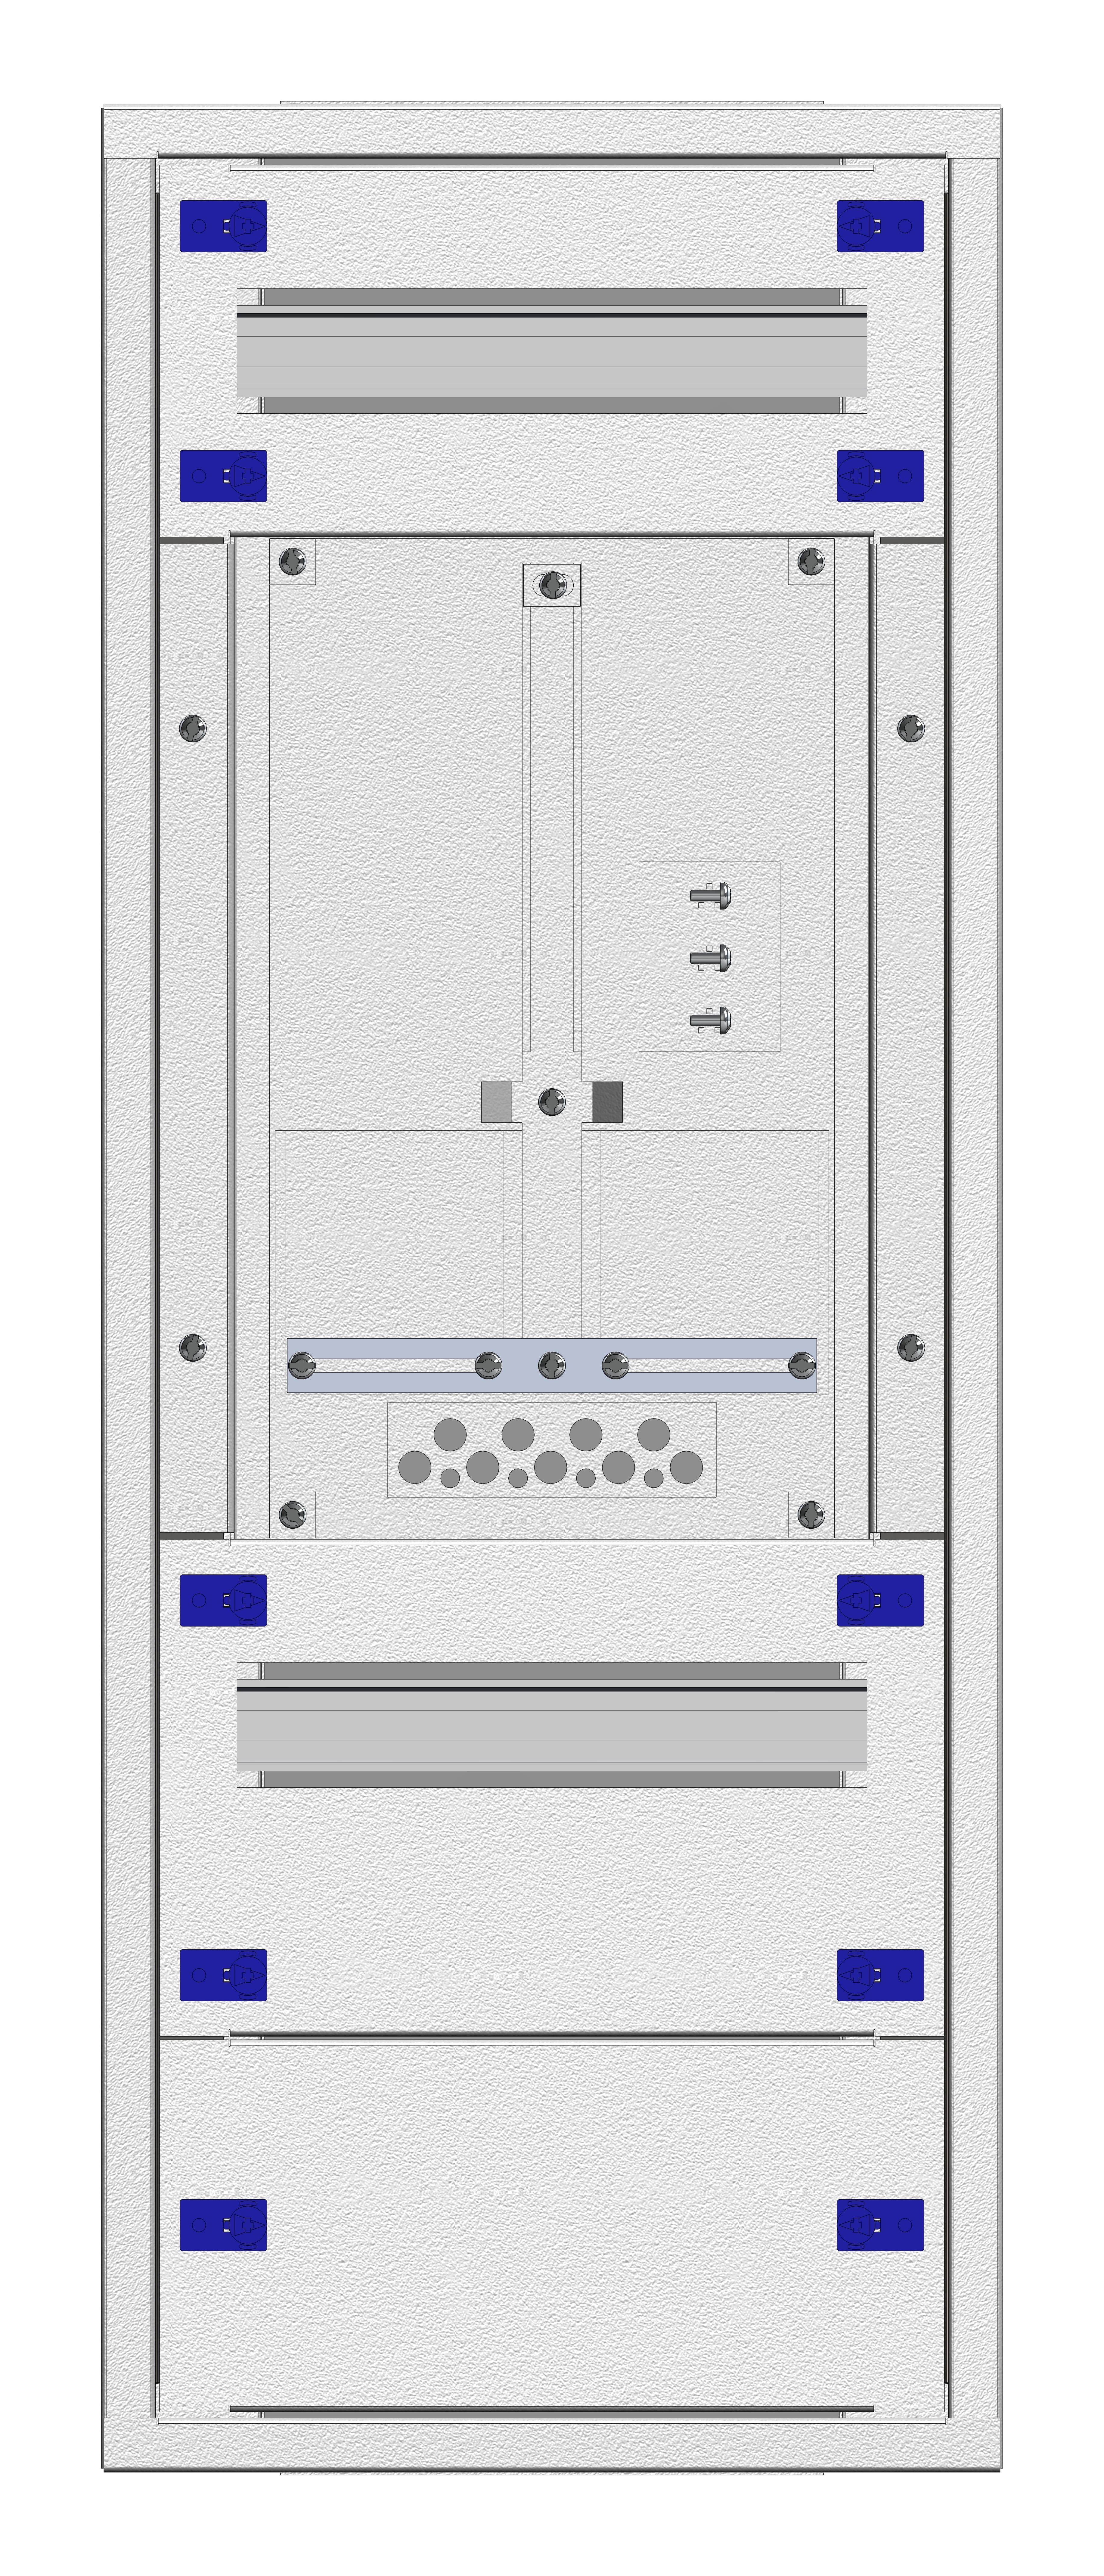 1 Stk Aufputz-Zählerverteiler 1A-18E/WIEN 1ZP, H915B380T250mm IL160118WS